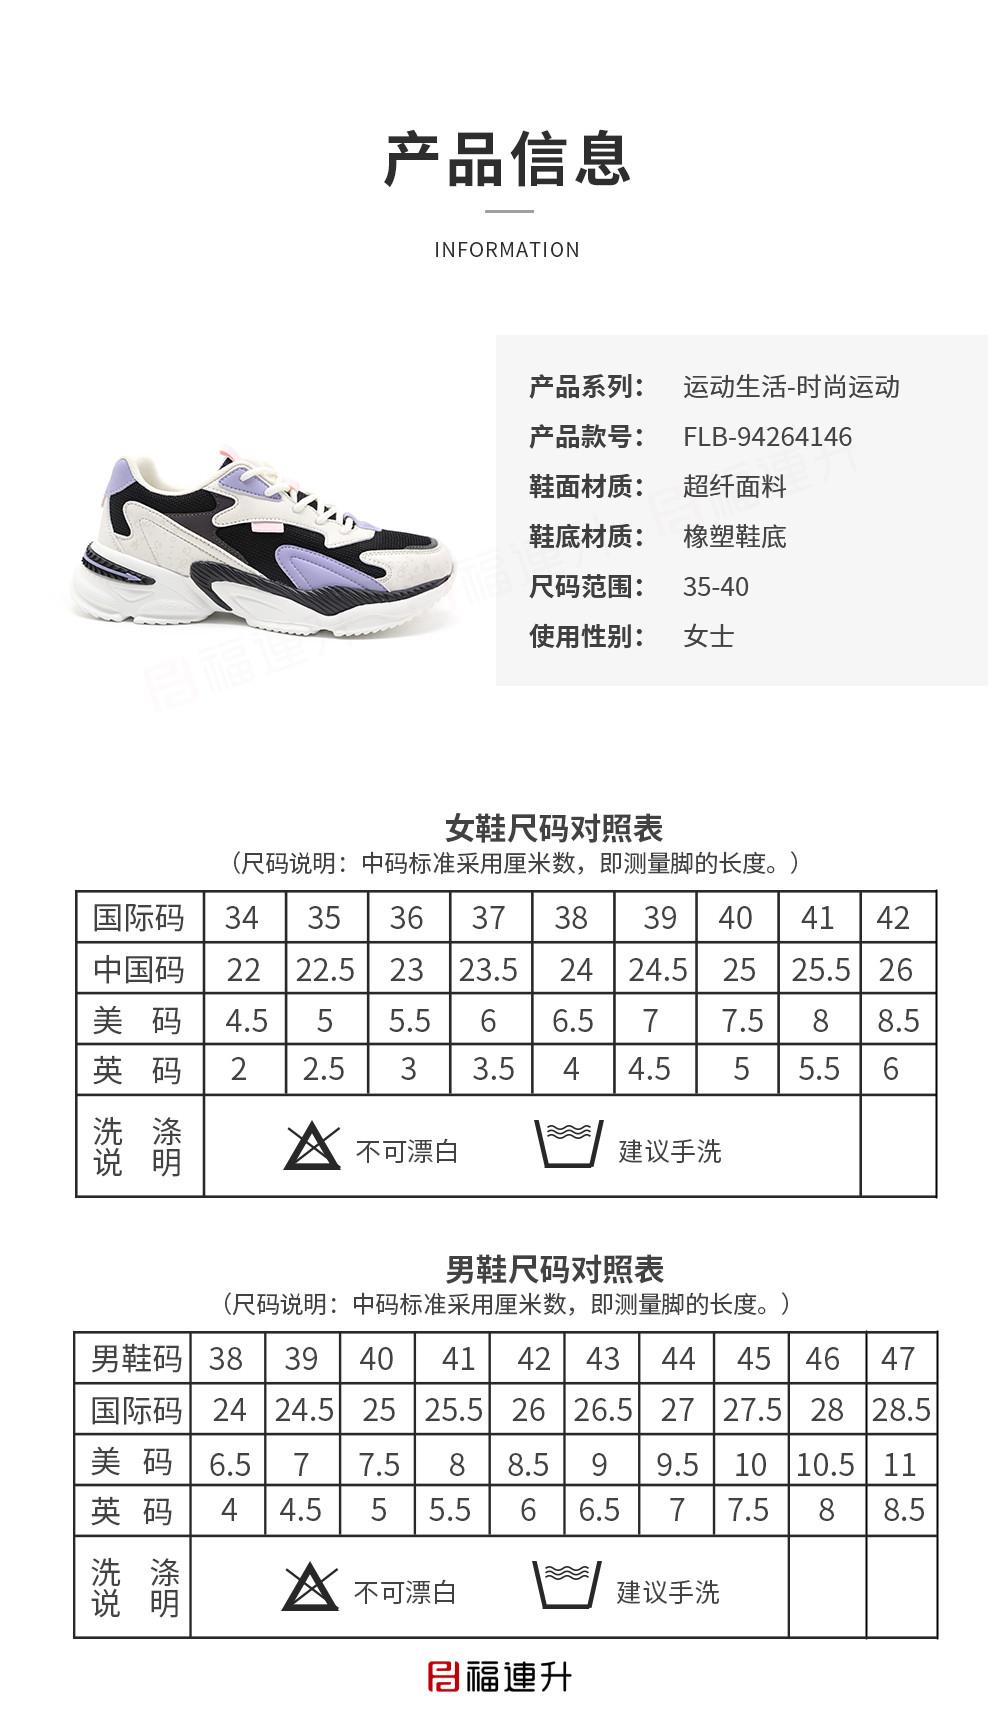 福连升休闲运动男鞋春秋透气轻便舒适时尚跑步鞋图片